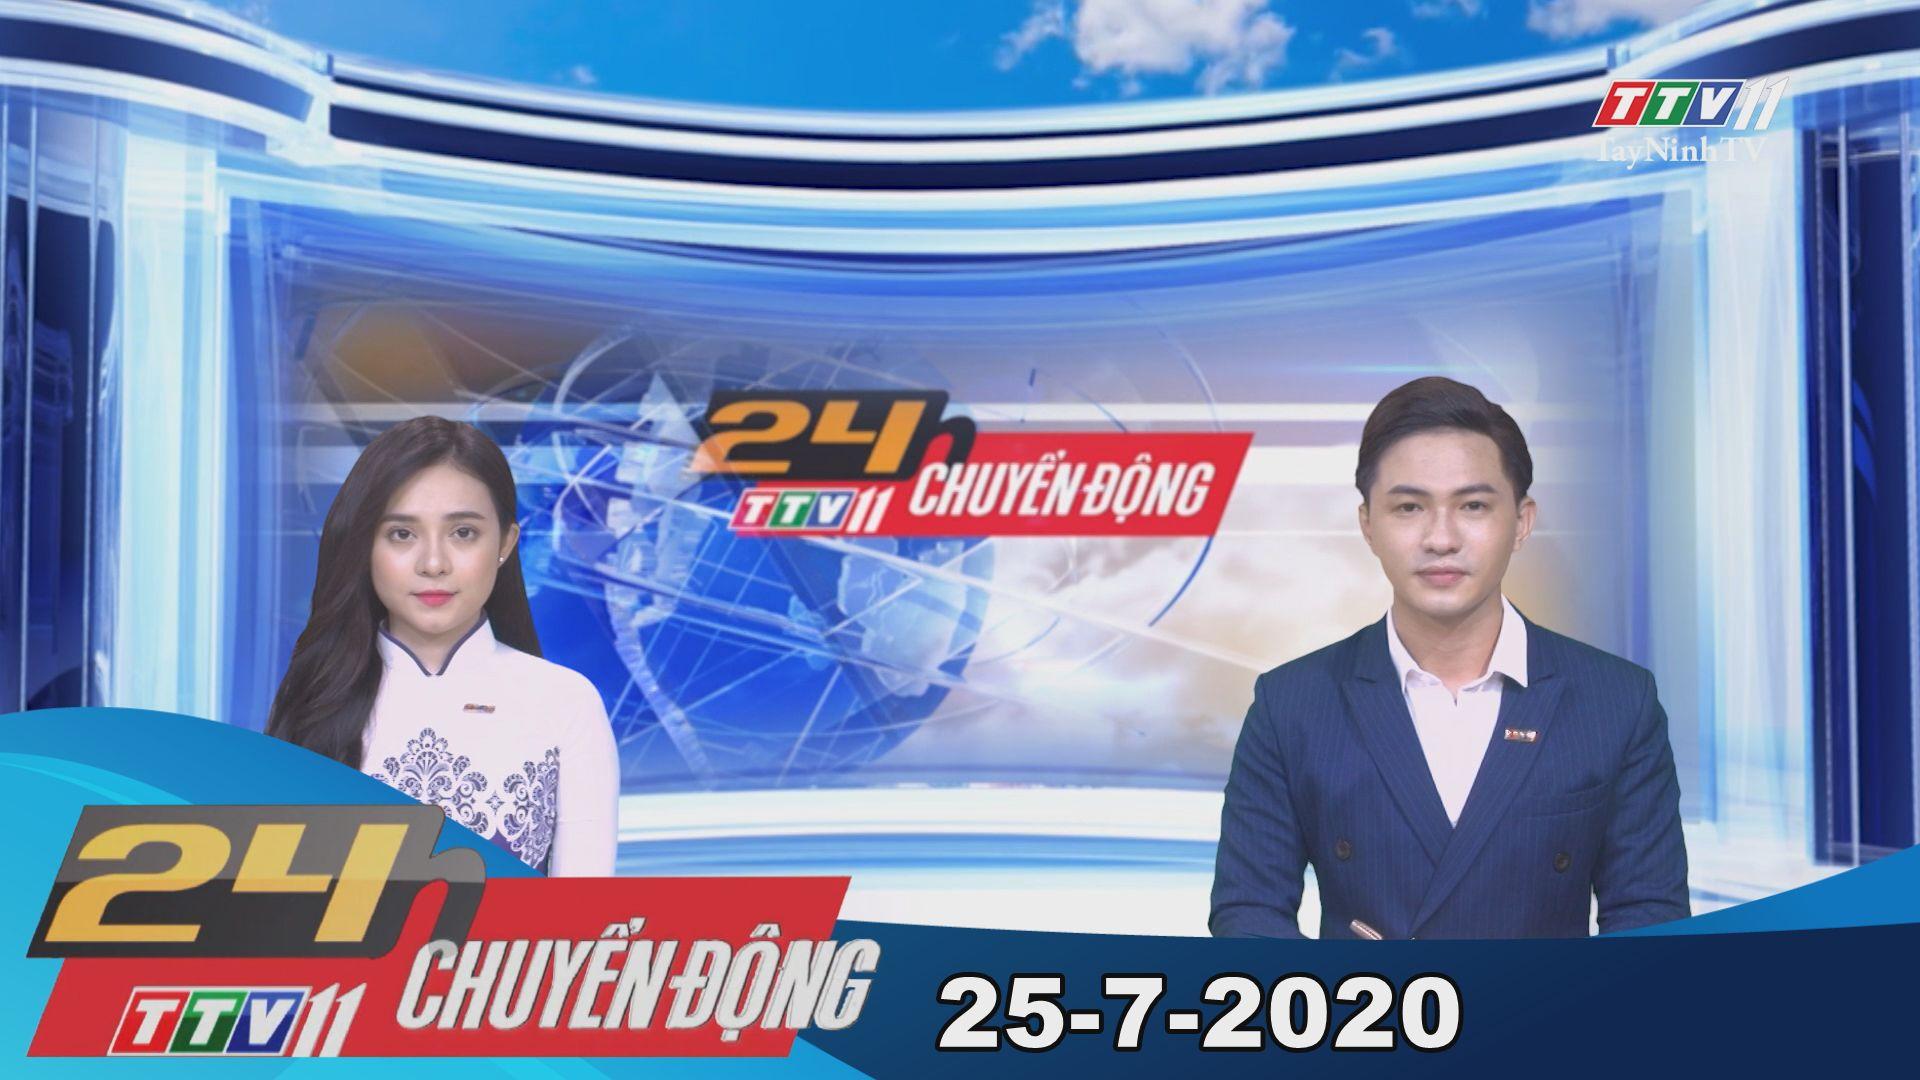 24h Chuyển động 25-7-2020 | Tin tức hôm nay | TayNinhTV